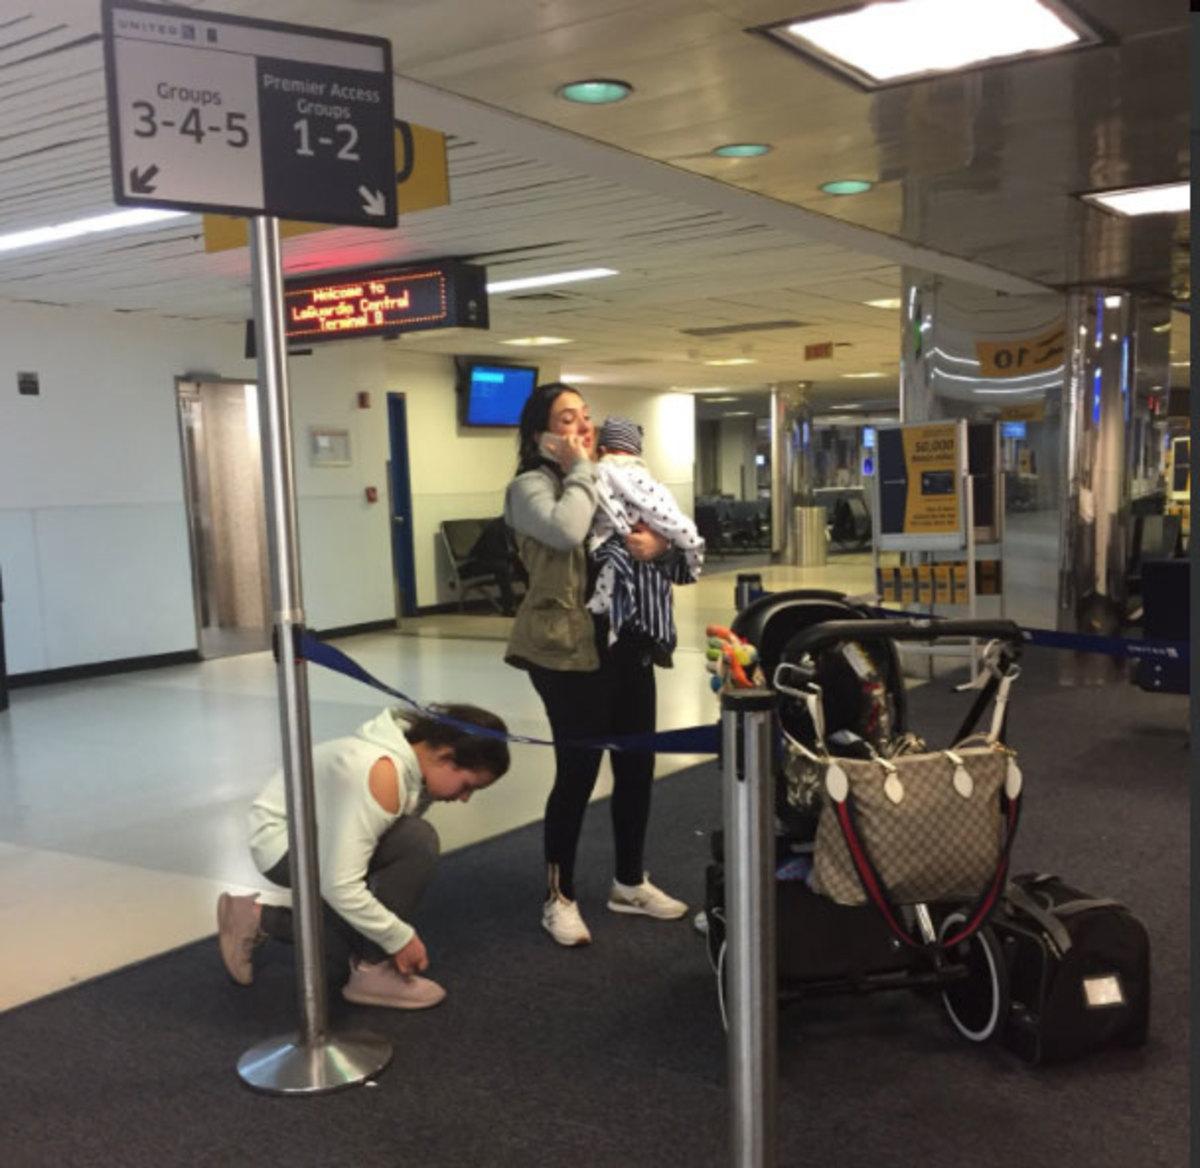 Σκυλάκι πέθανε από ασφυξία σε πτήση γιατί το έβαλαν στο ντουλαπάκι των χειραποσκευών | Newsit.gr